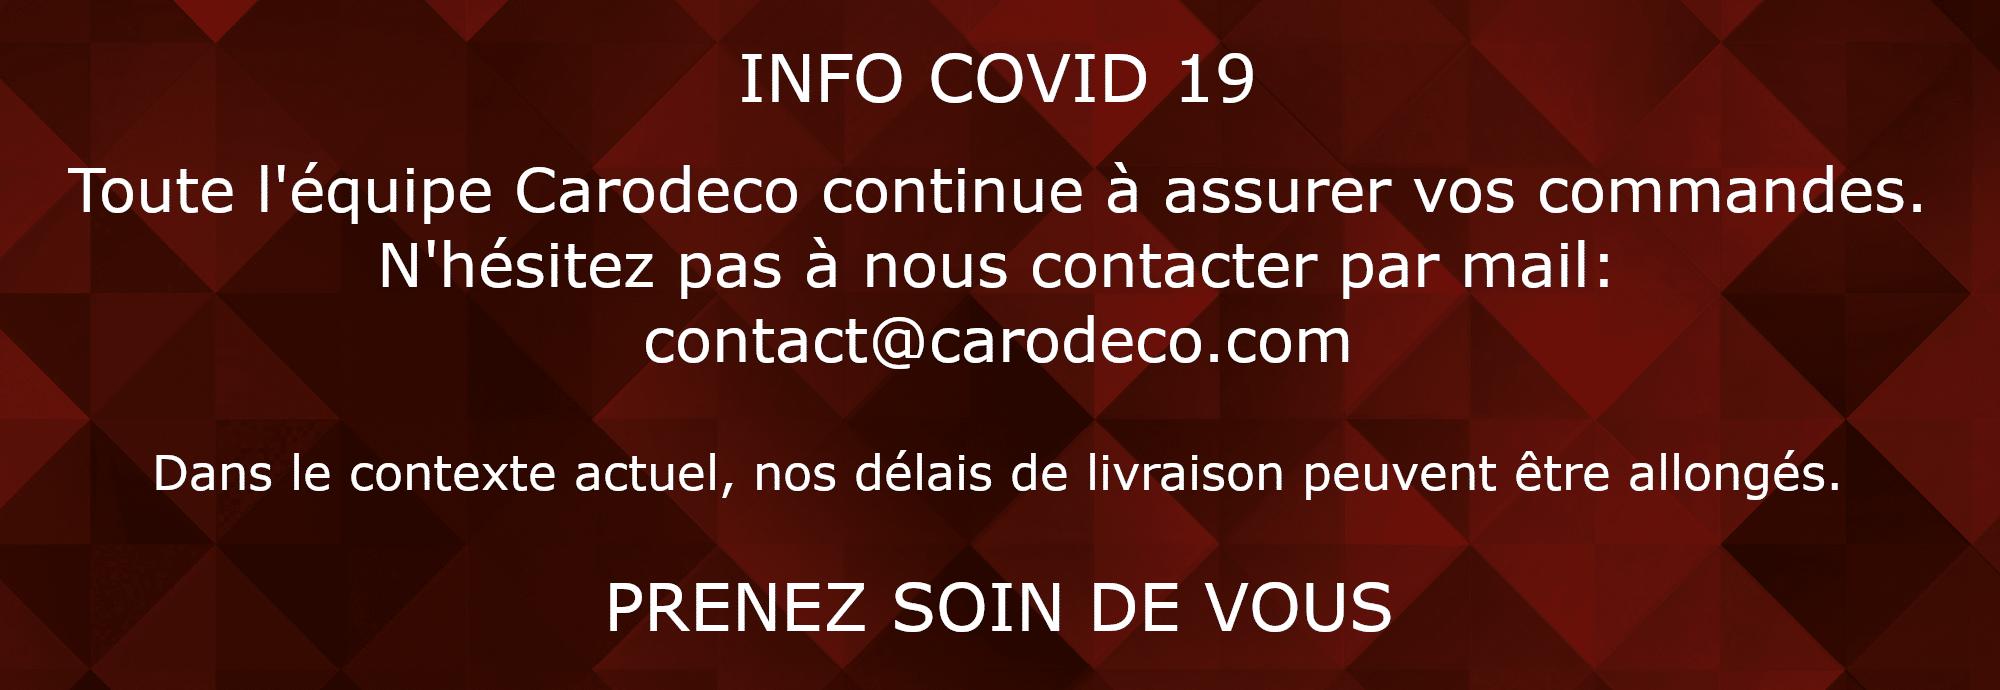 IFO COVID